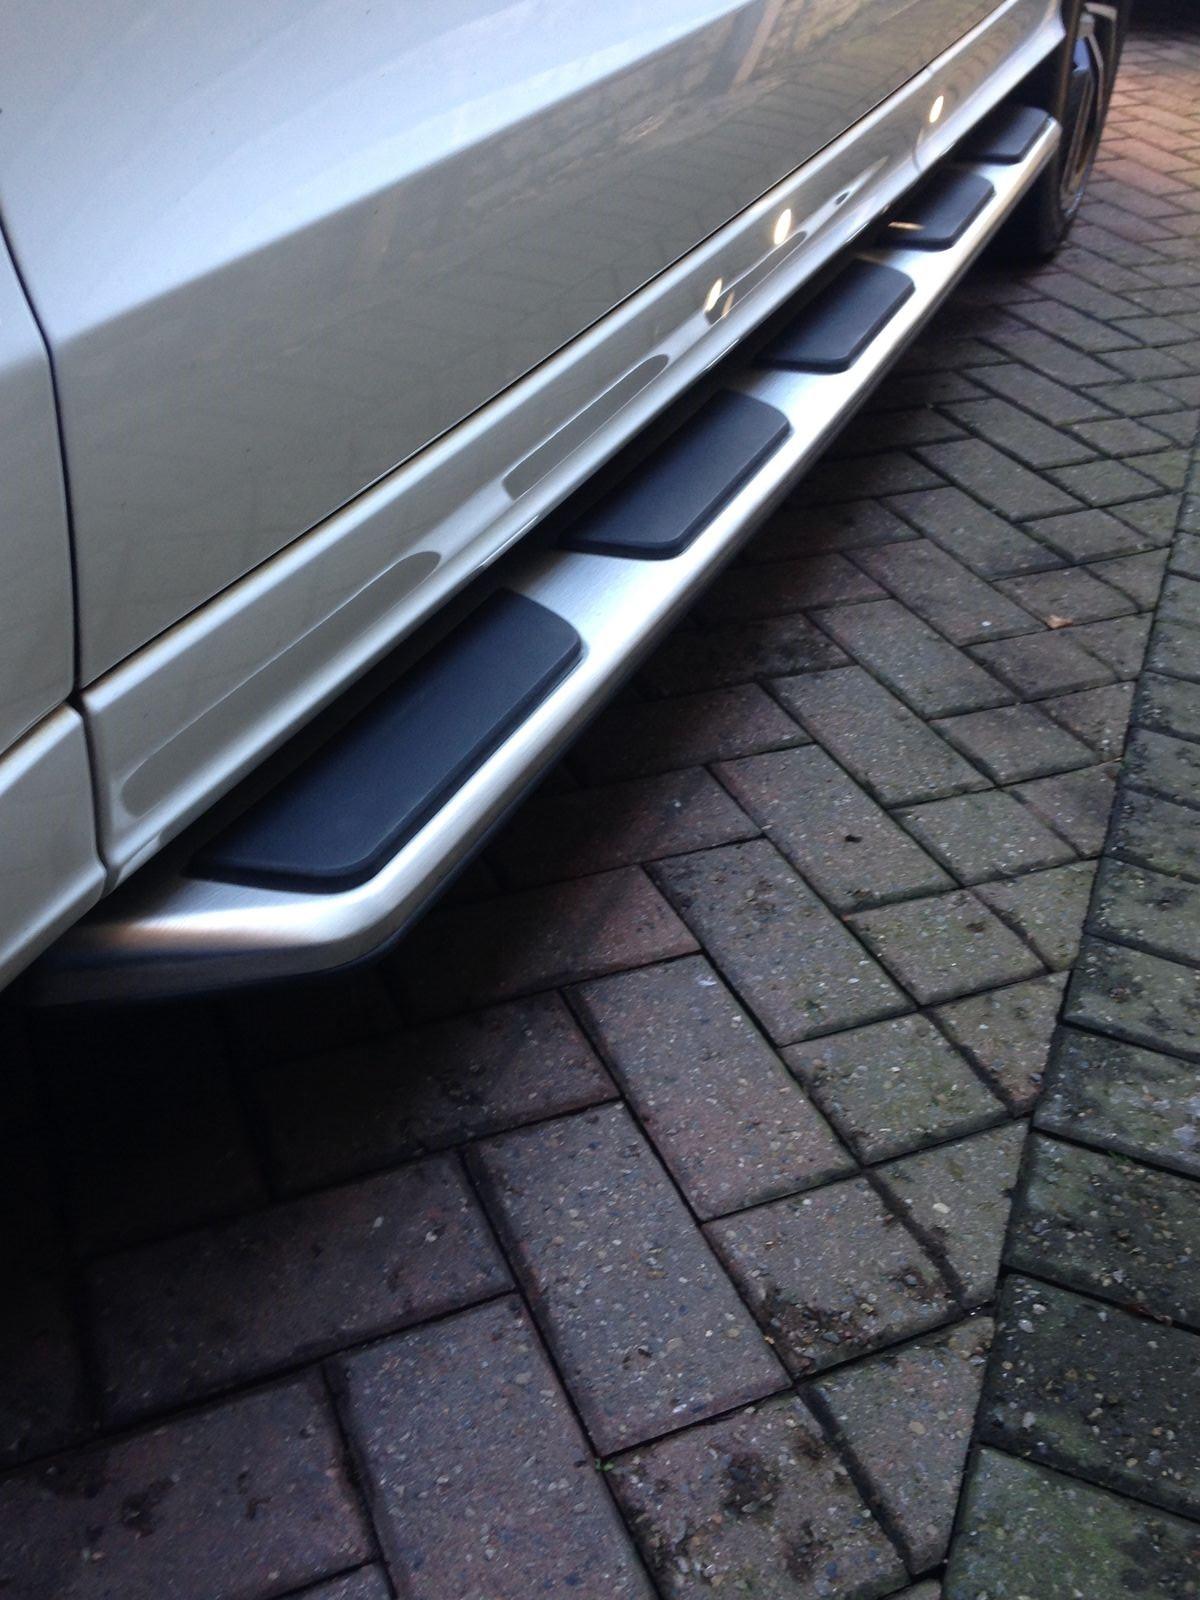 Audi Q5 2009 2016 Stainless Steel Side Steps Bars Running